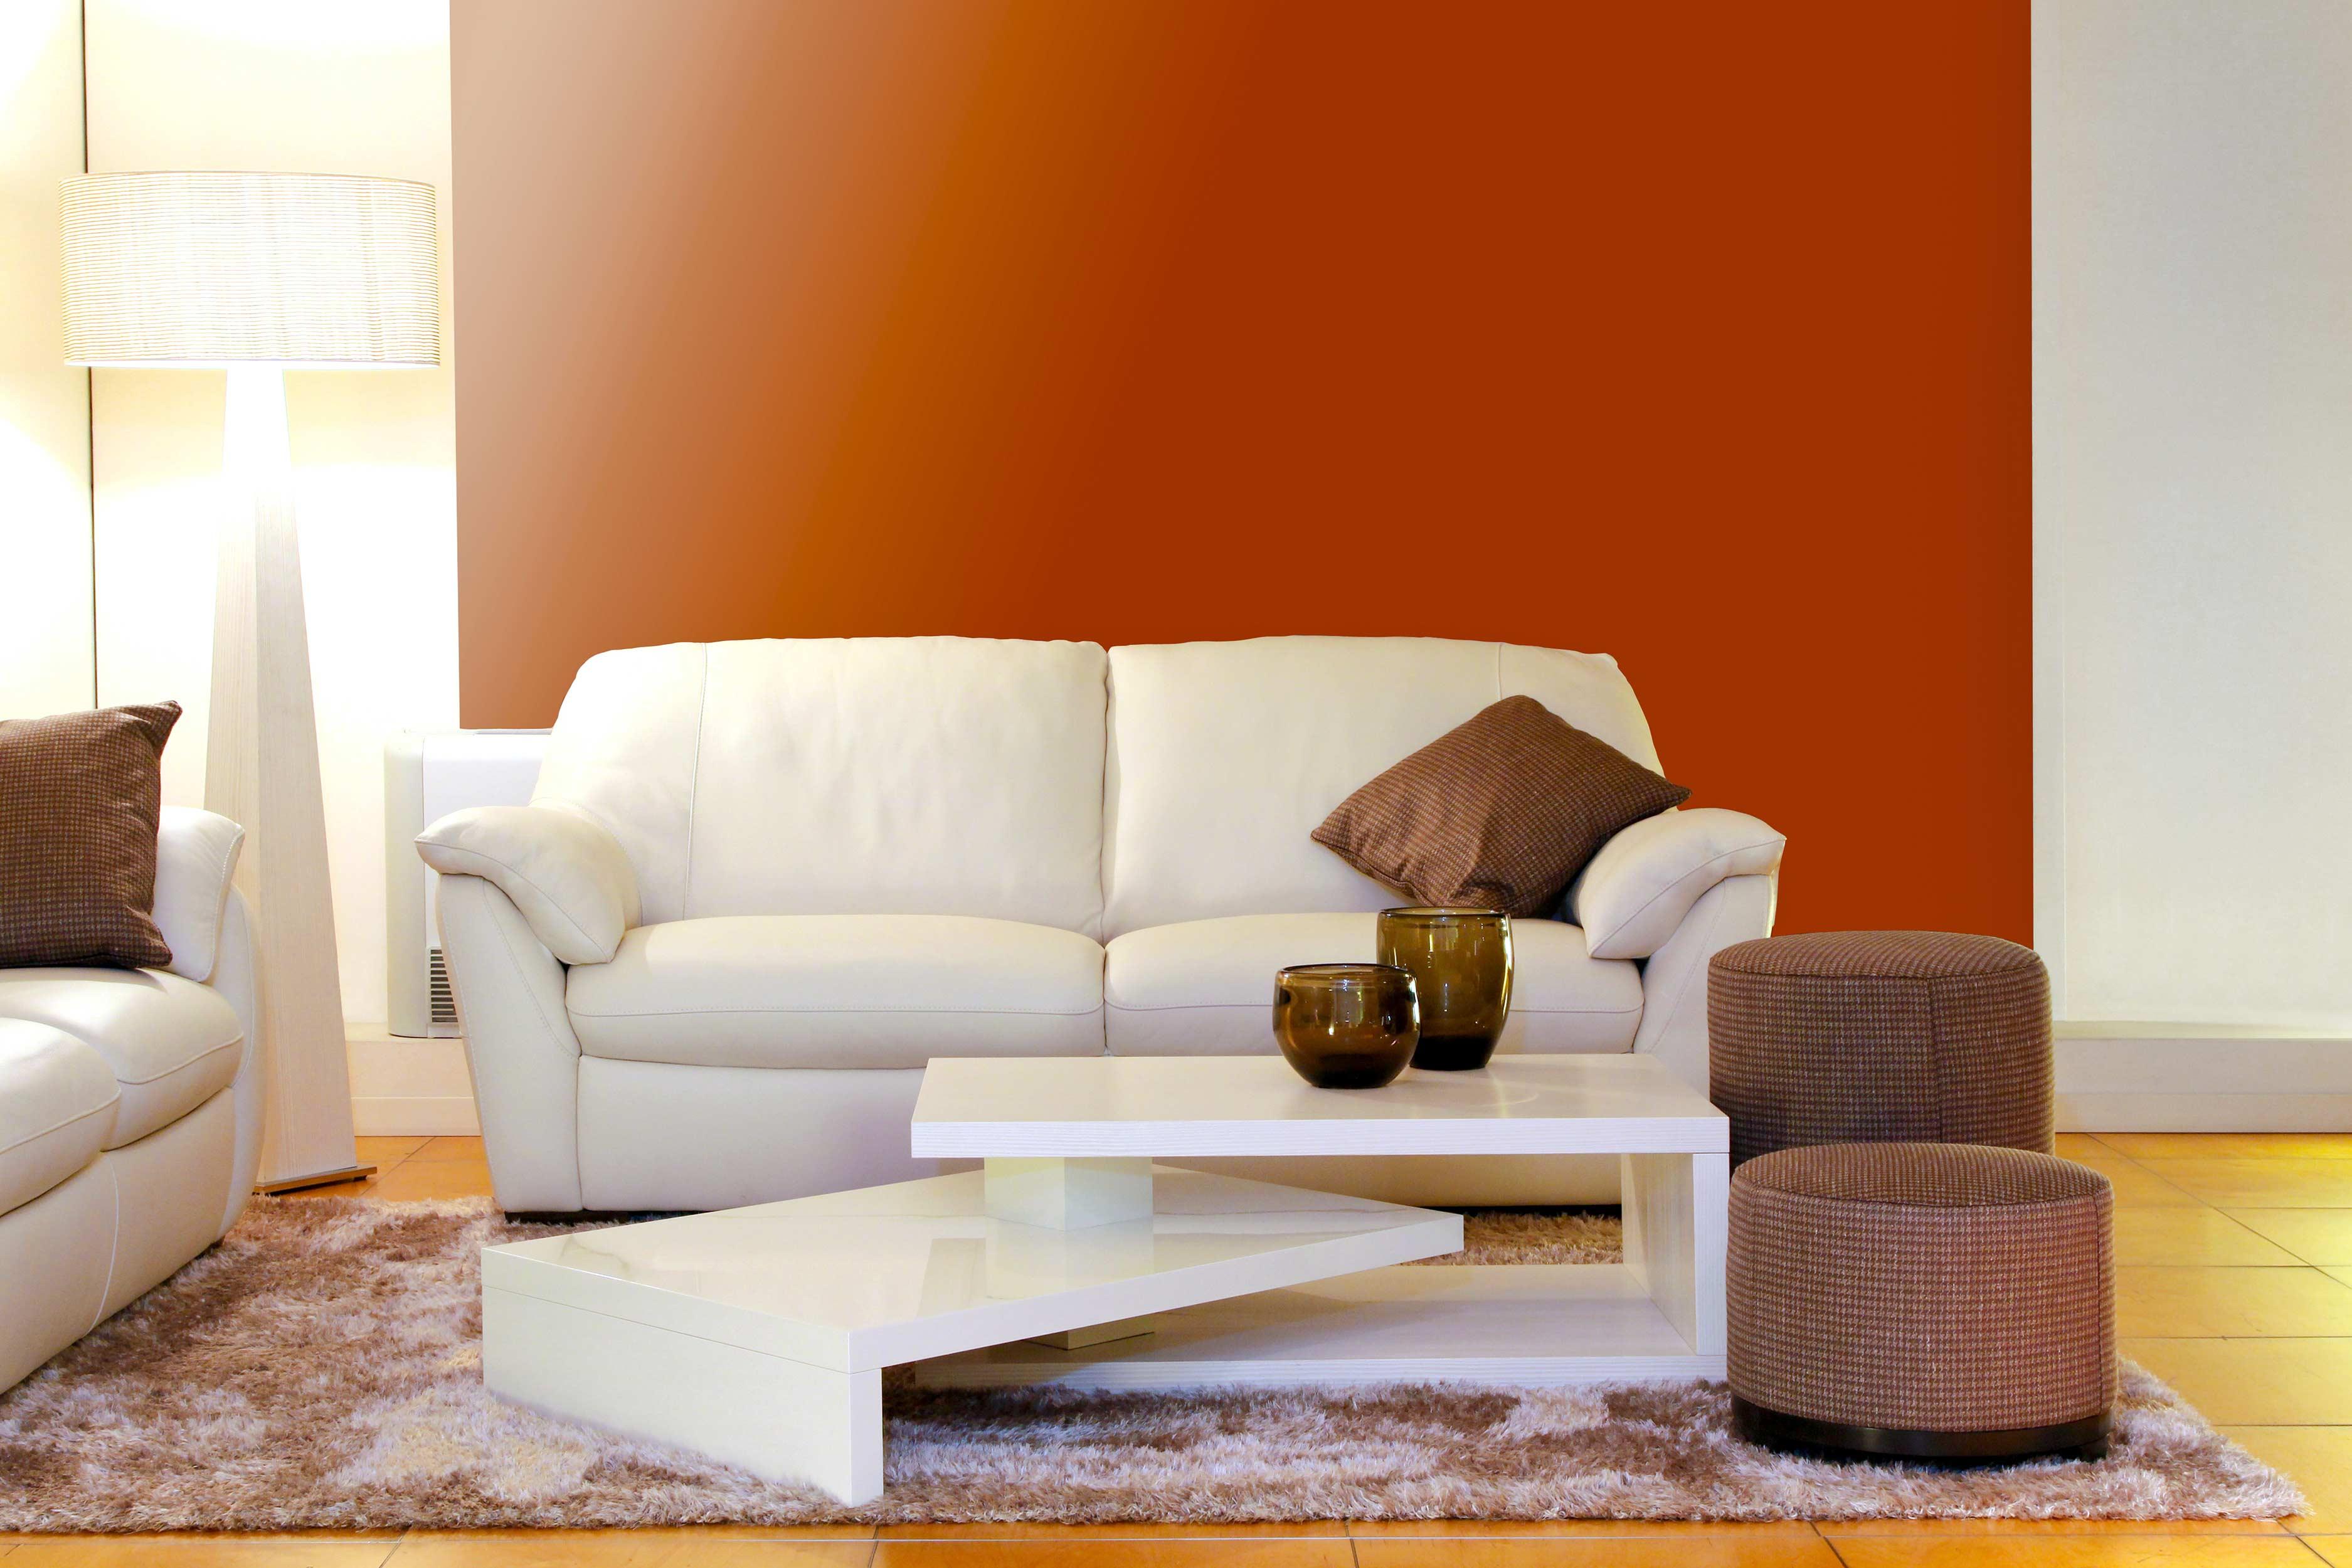 Белые диваны в интерьере (52 фото): угловой и прямой, выбираем большой для гостей и двухместный, классический и другие модели